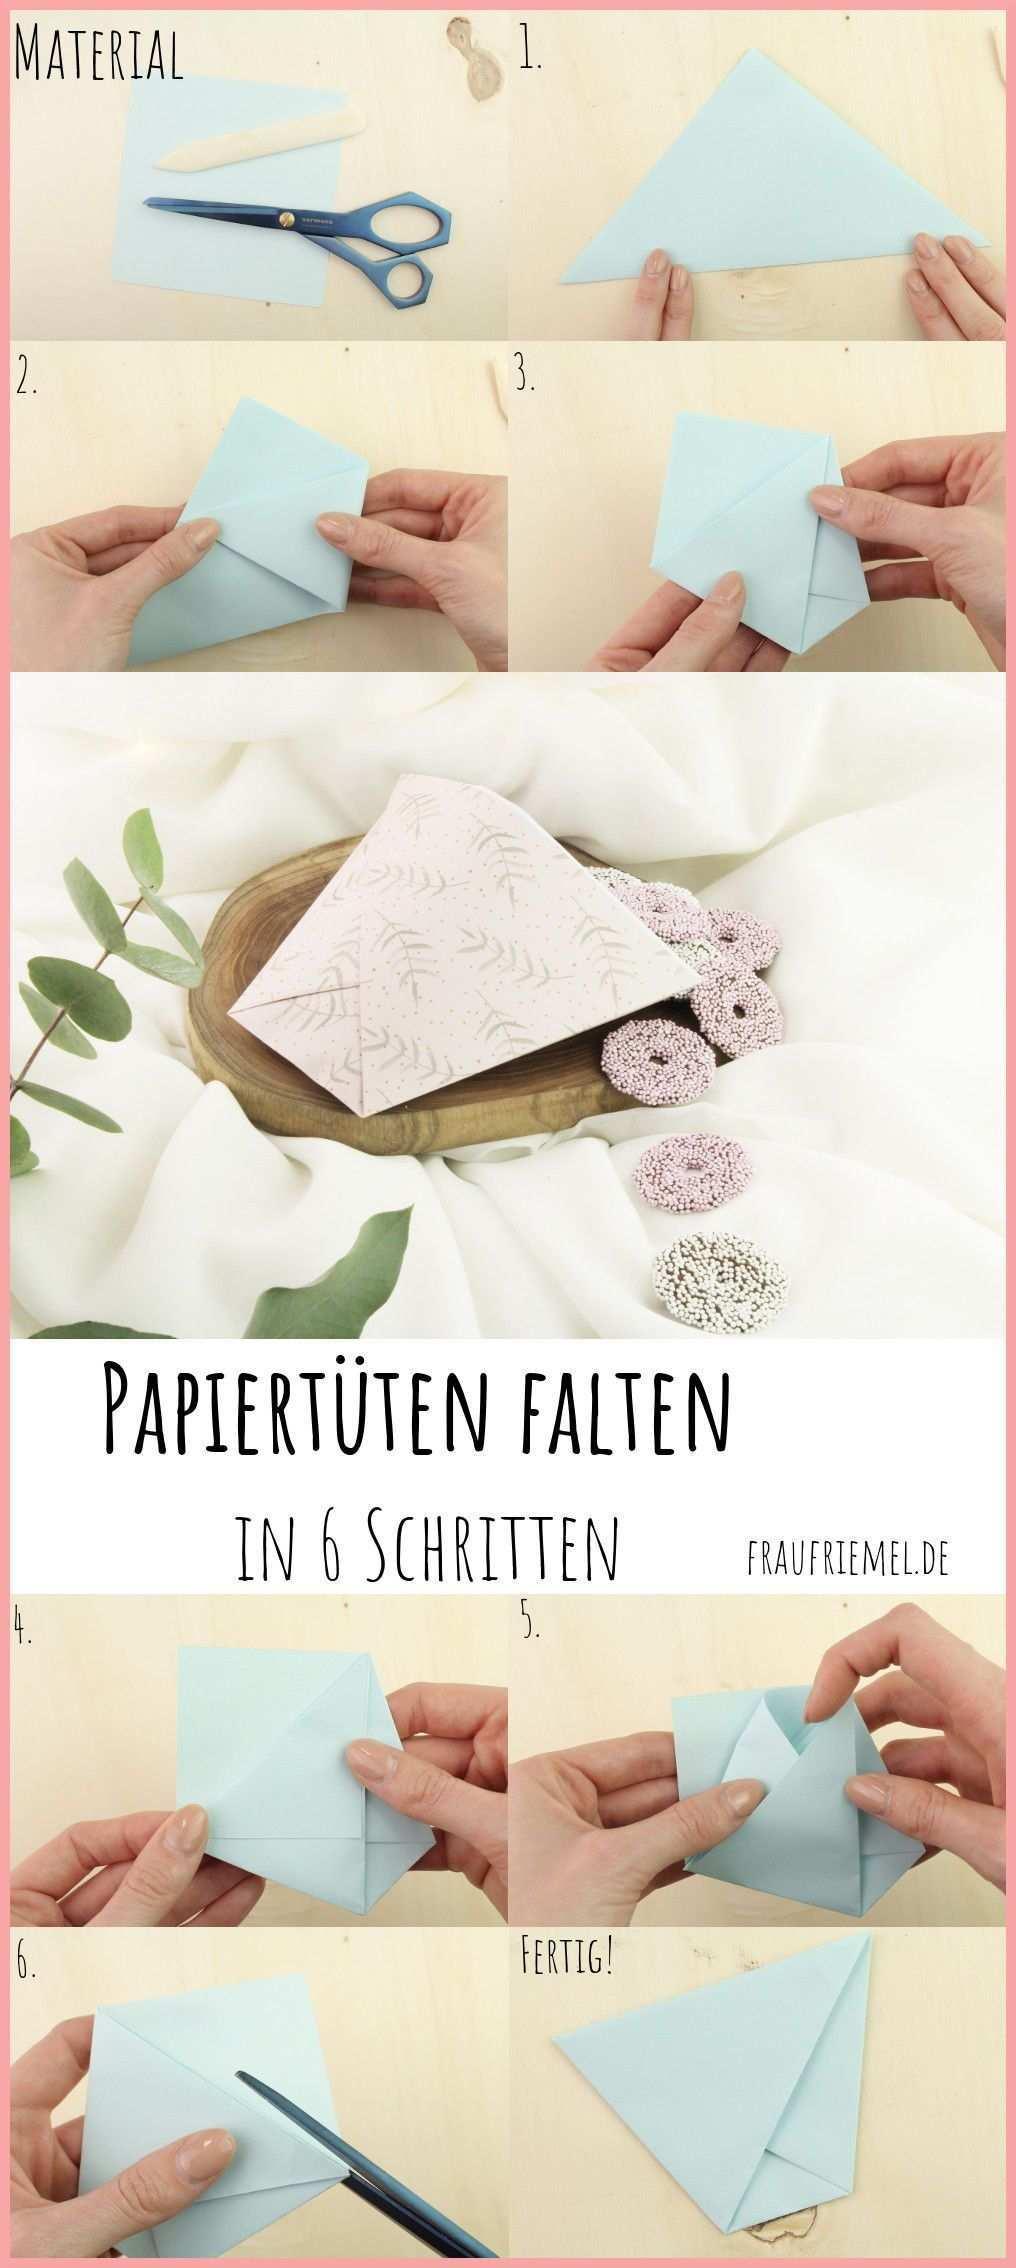 Papiertute Falten Gunstig Einfach Schon Frau Friemel Papiertuten Falten Papiertuten Basteln Papiertuten Diy